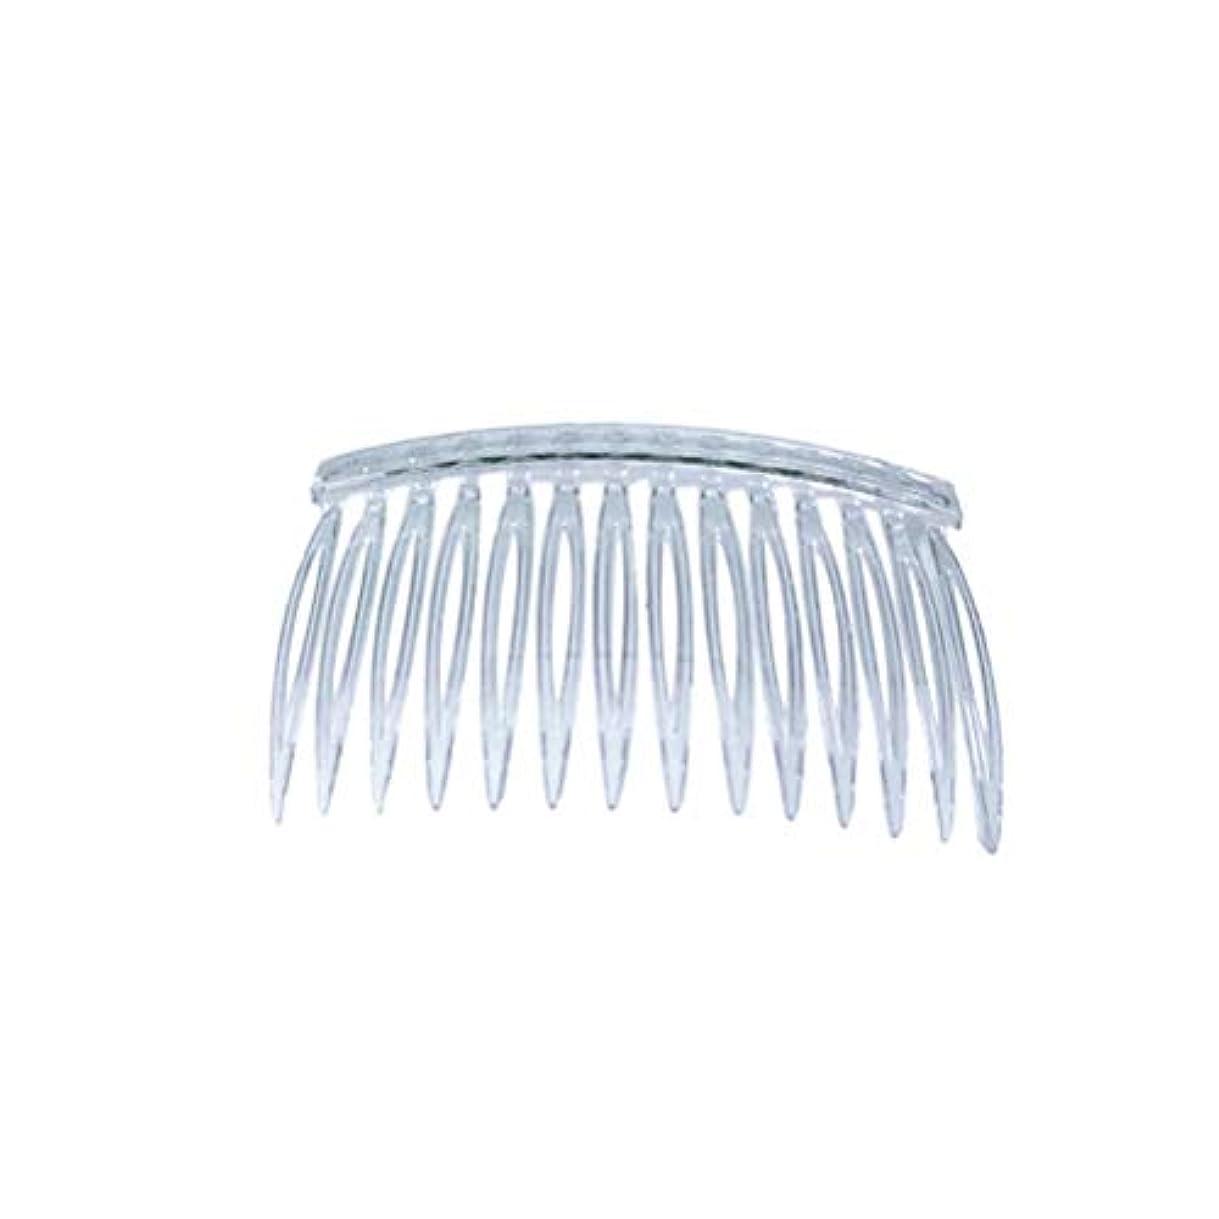 法令膿瘍のみFrcolor ヘアコーム ヘアアレンジ コーム かんざし ヘッドドレス 髪の櫛 髪飾り ヘアアクセサリー まとめ髪 プラスチック 透明 10本セット